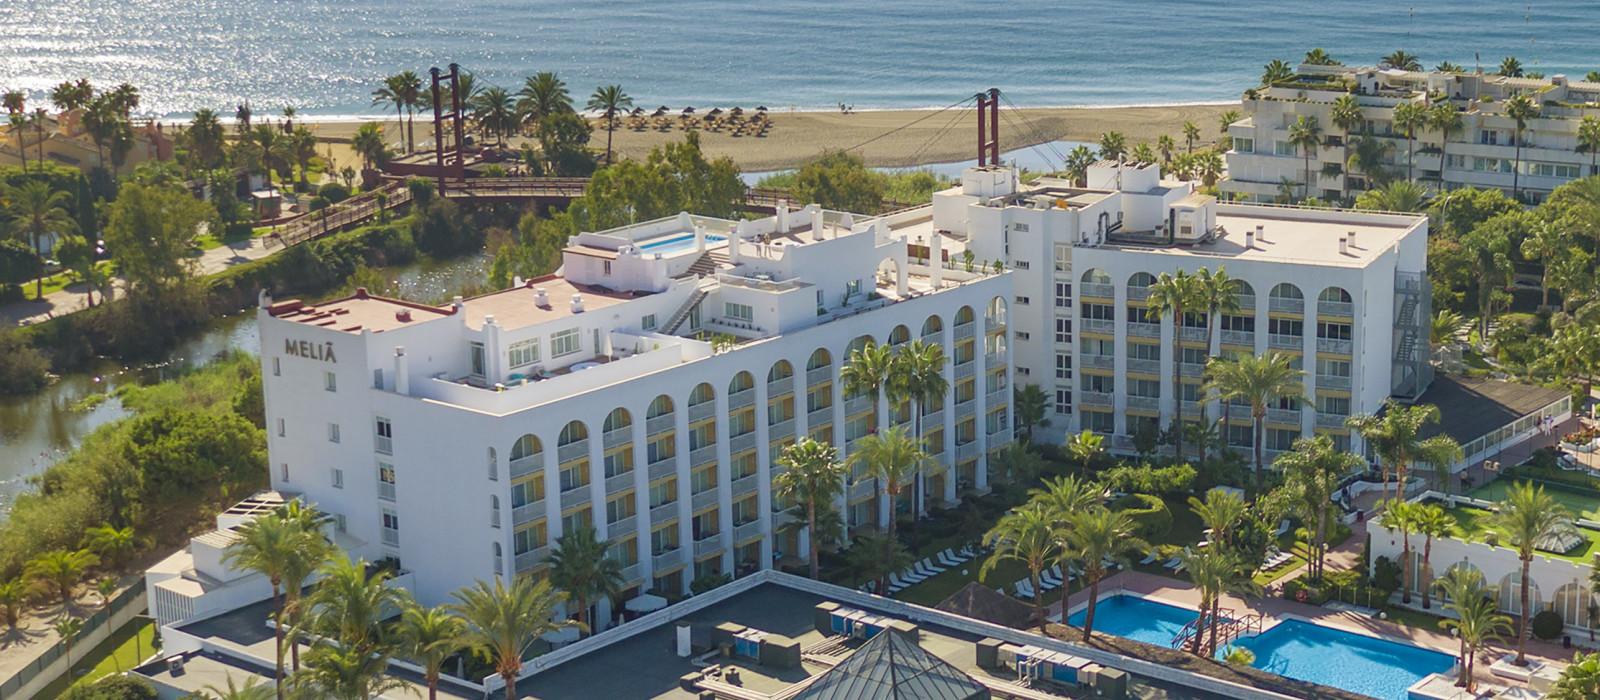 Hotel Melia Marbella Banús Spain